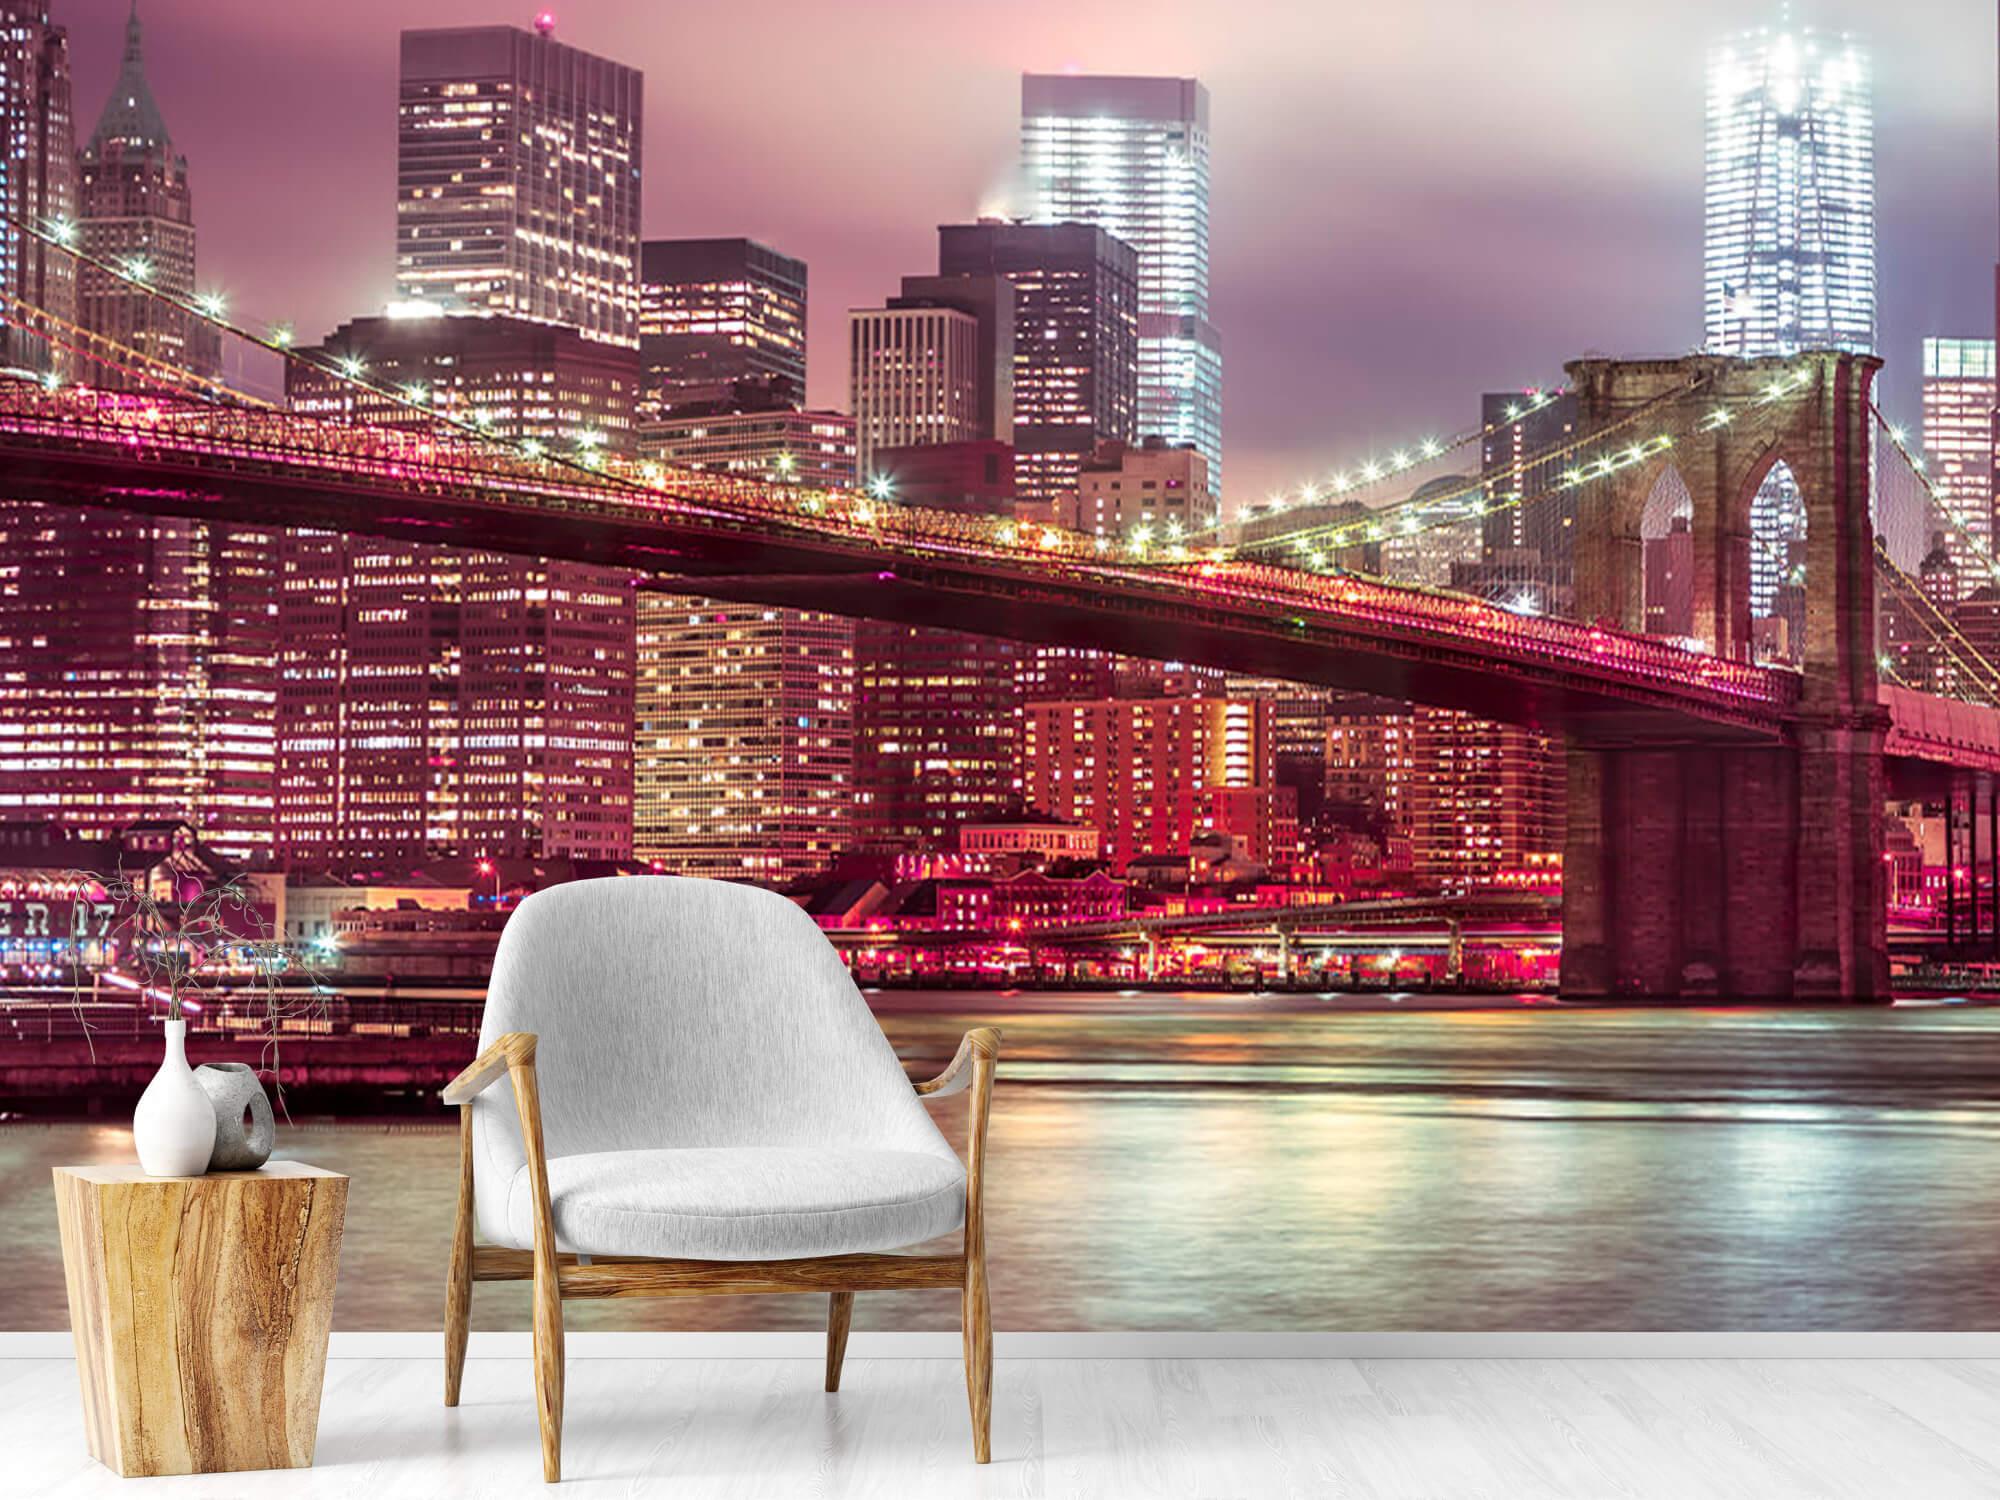 Soirée à Manhattan 16